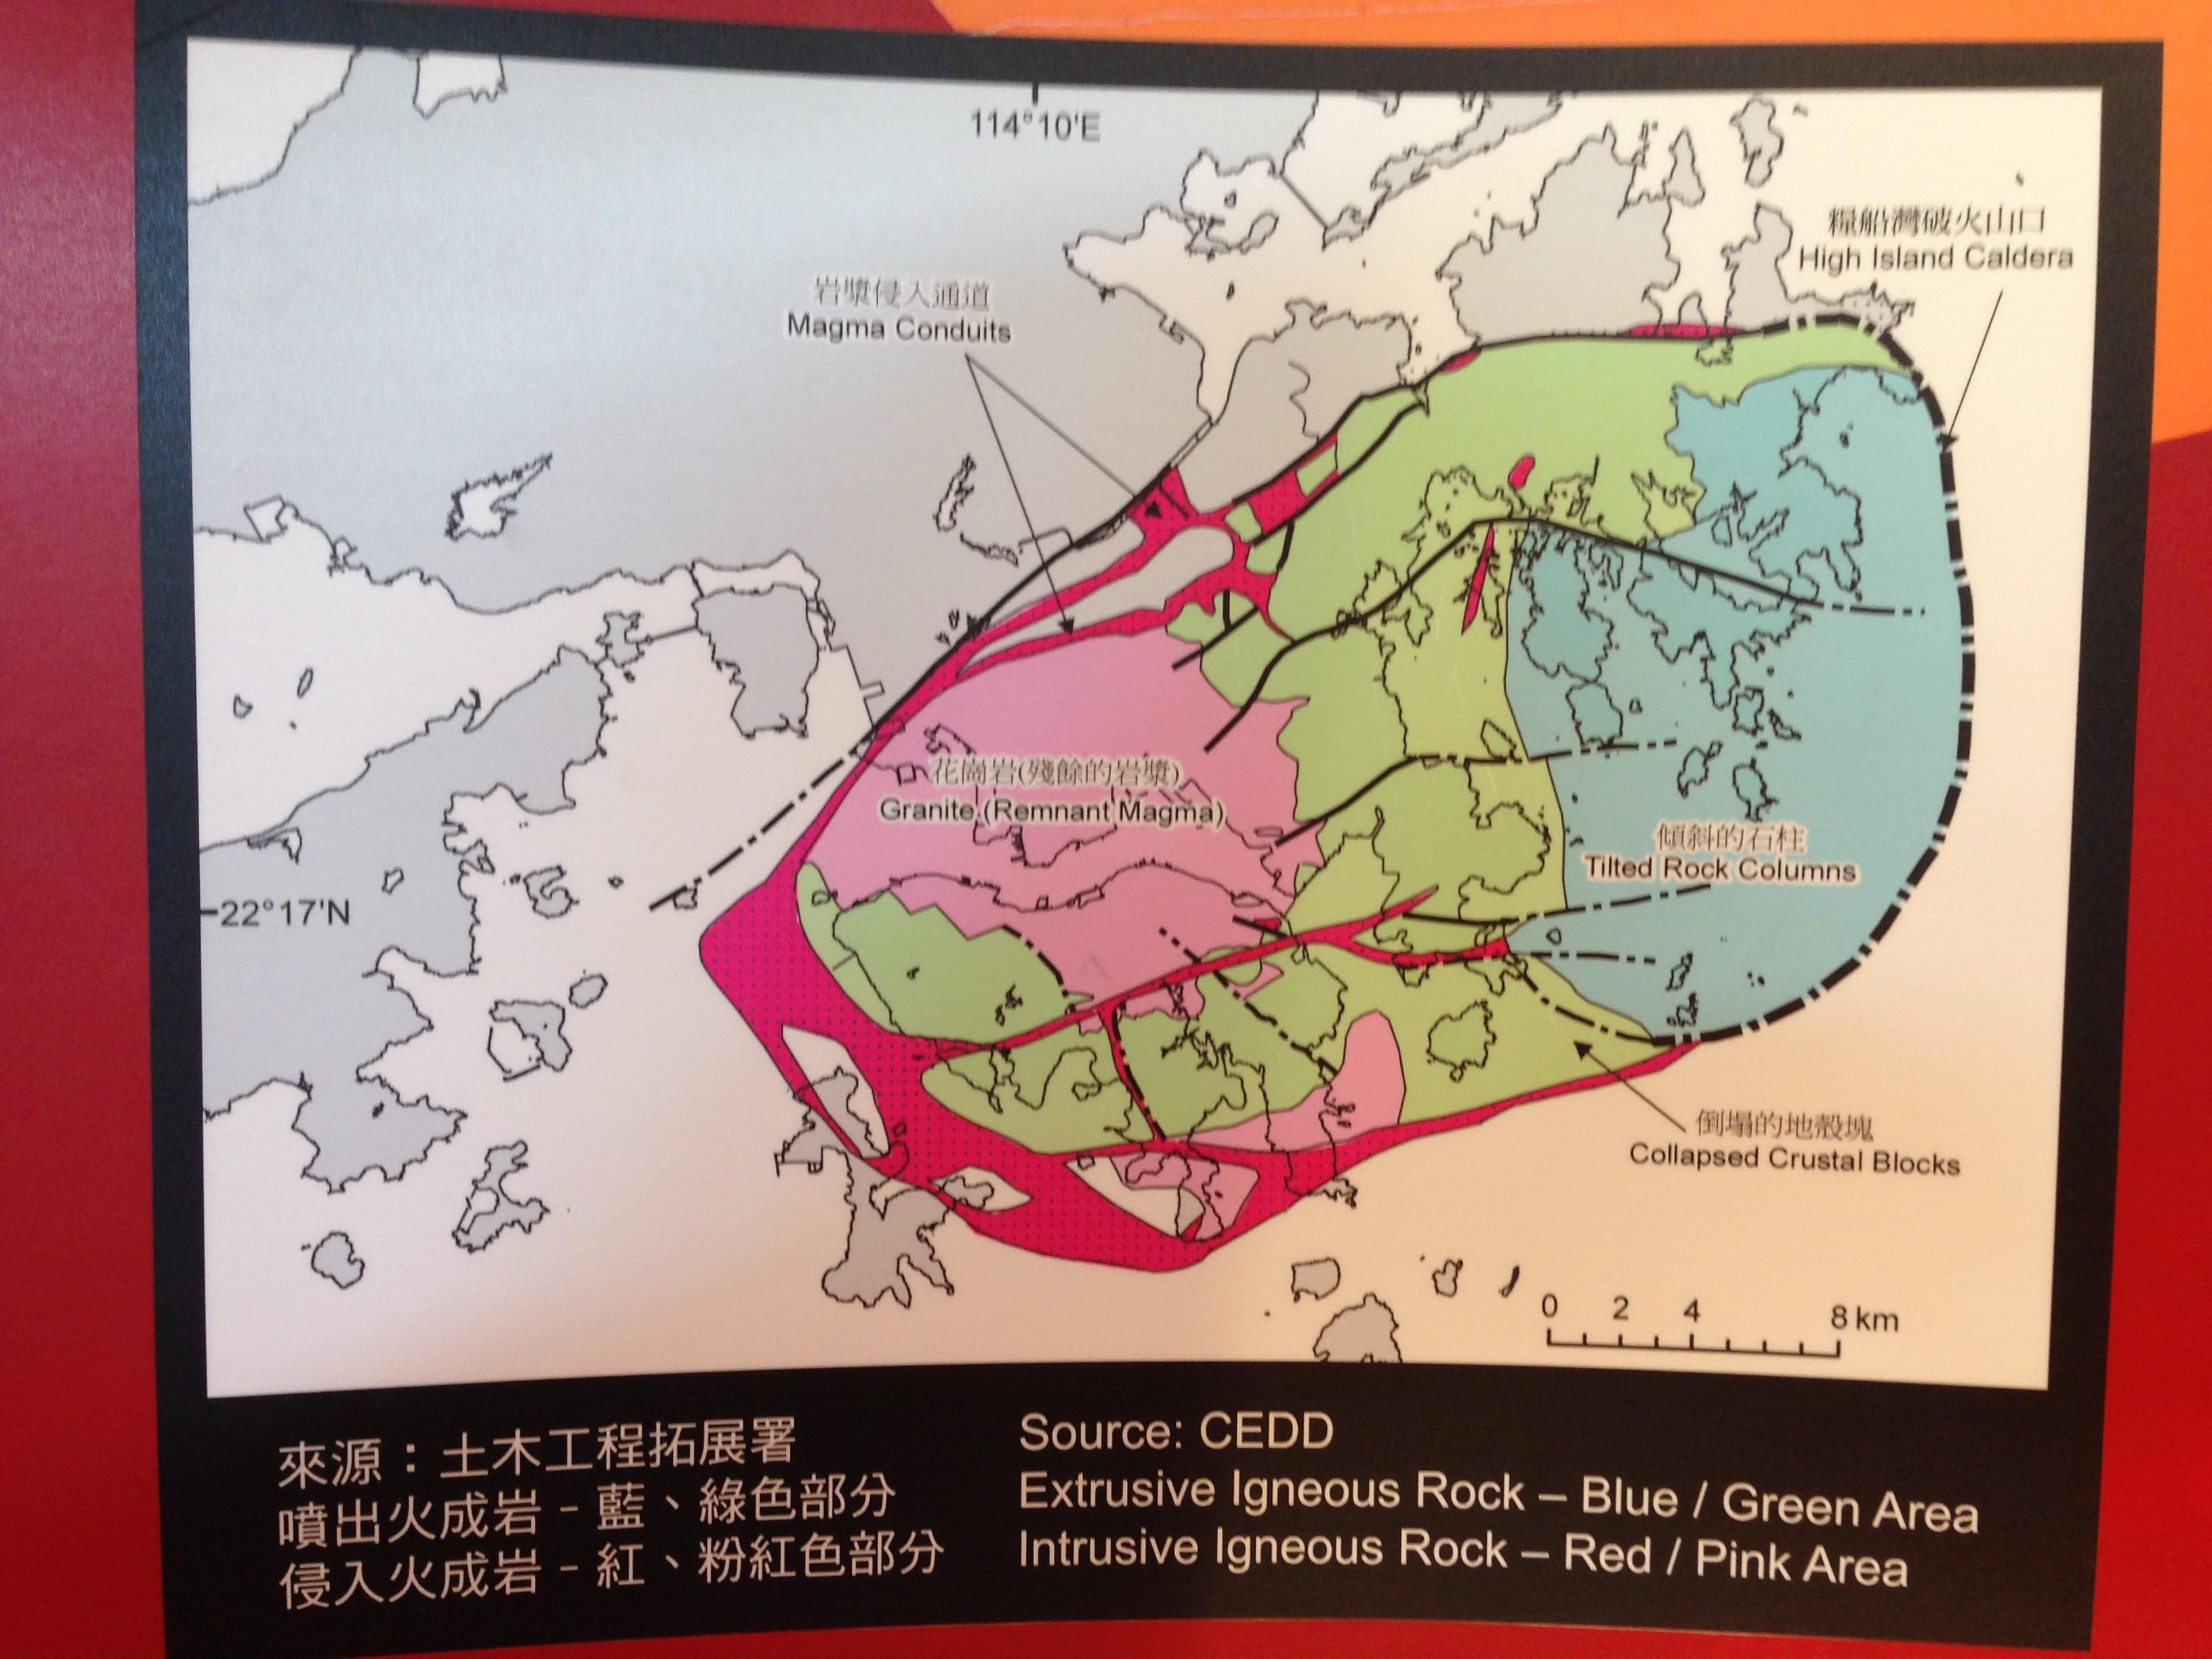 火山口遺跡地圖